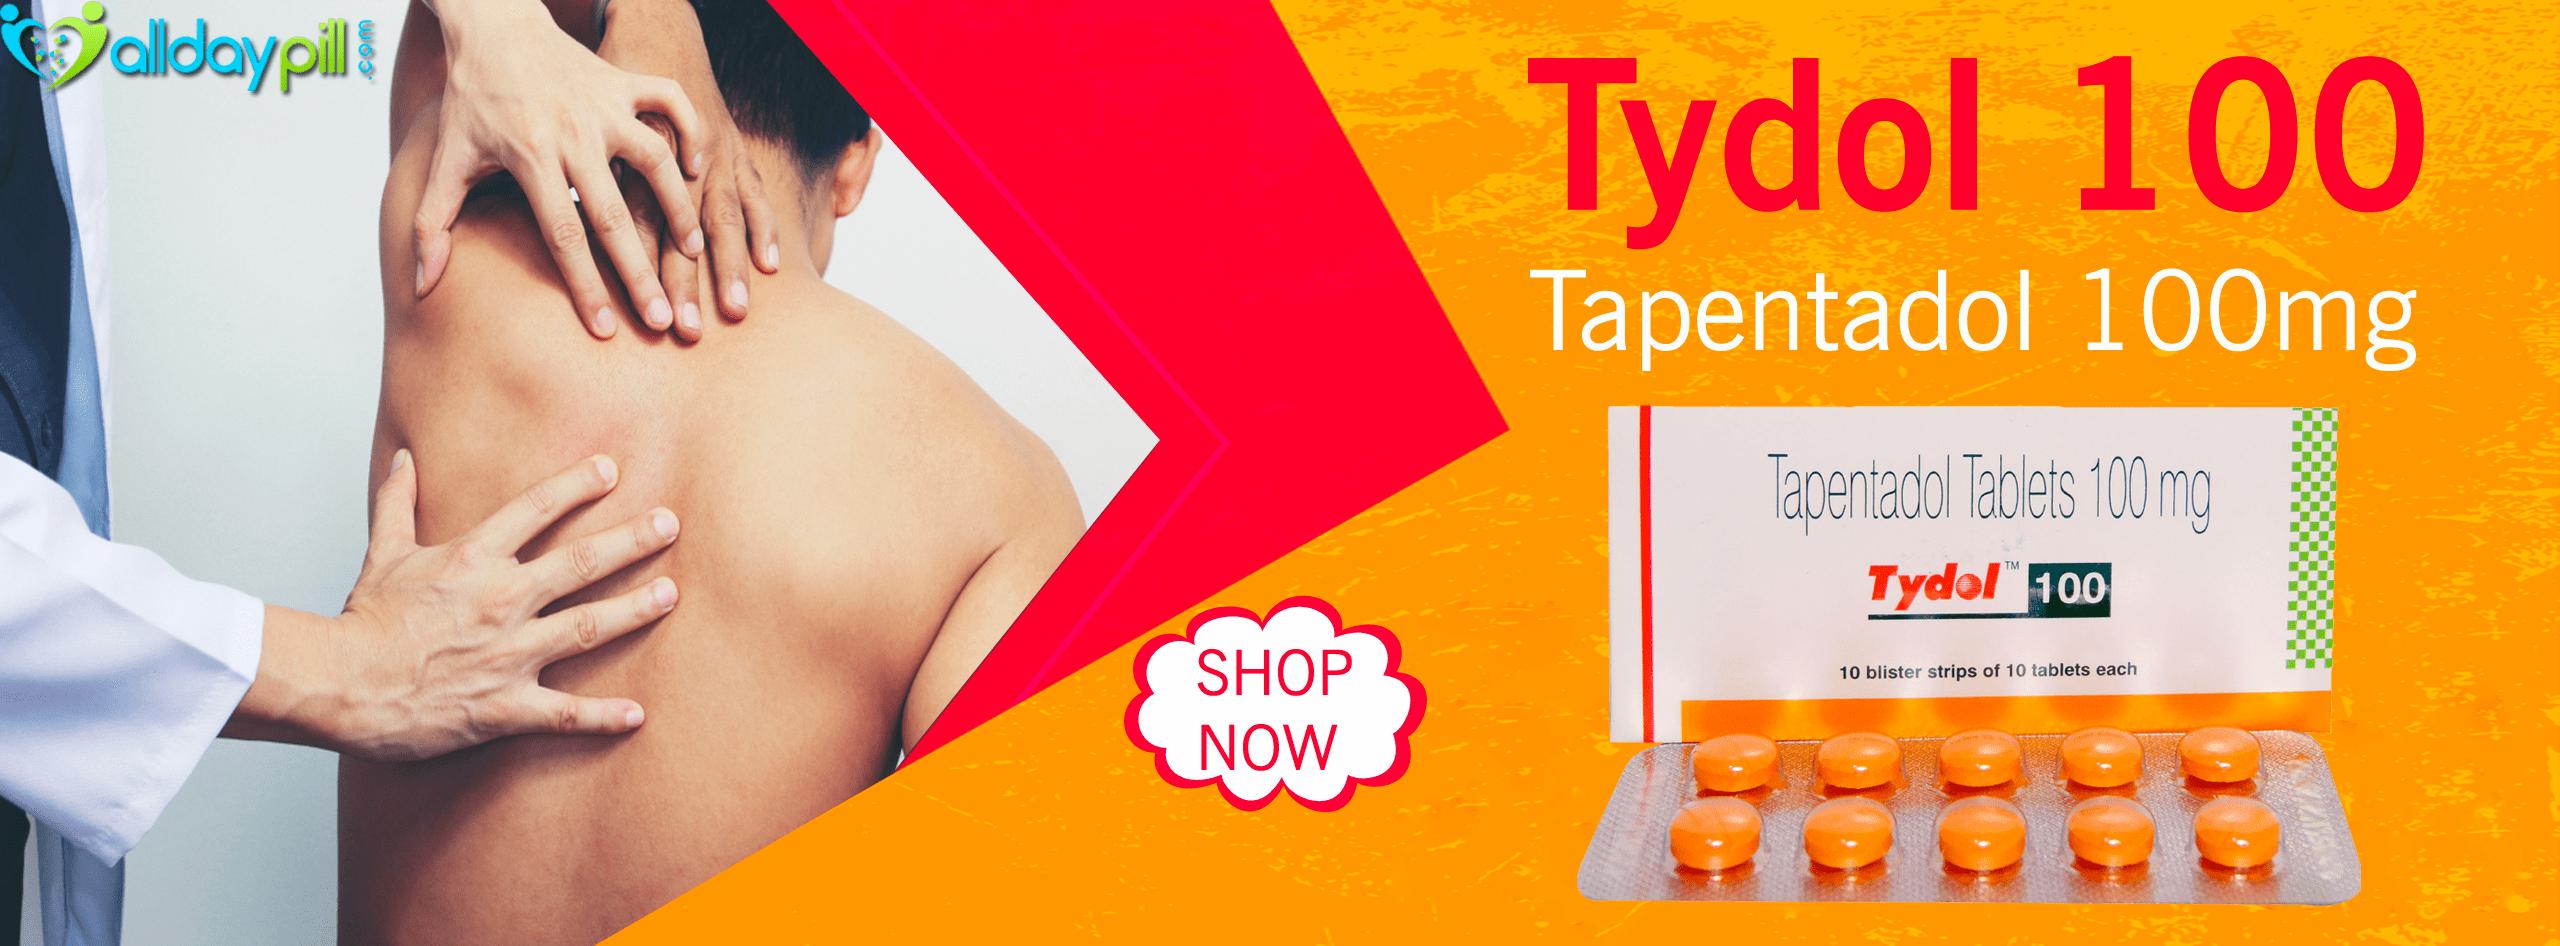 Buy Tapentadol 100mg online I Tapnetadol 100mg